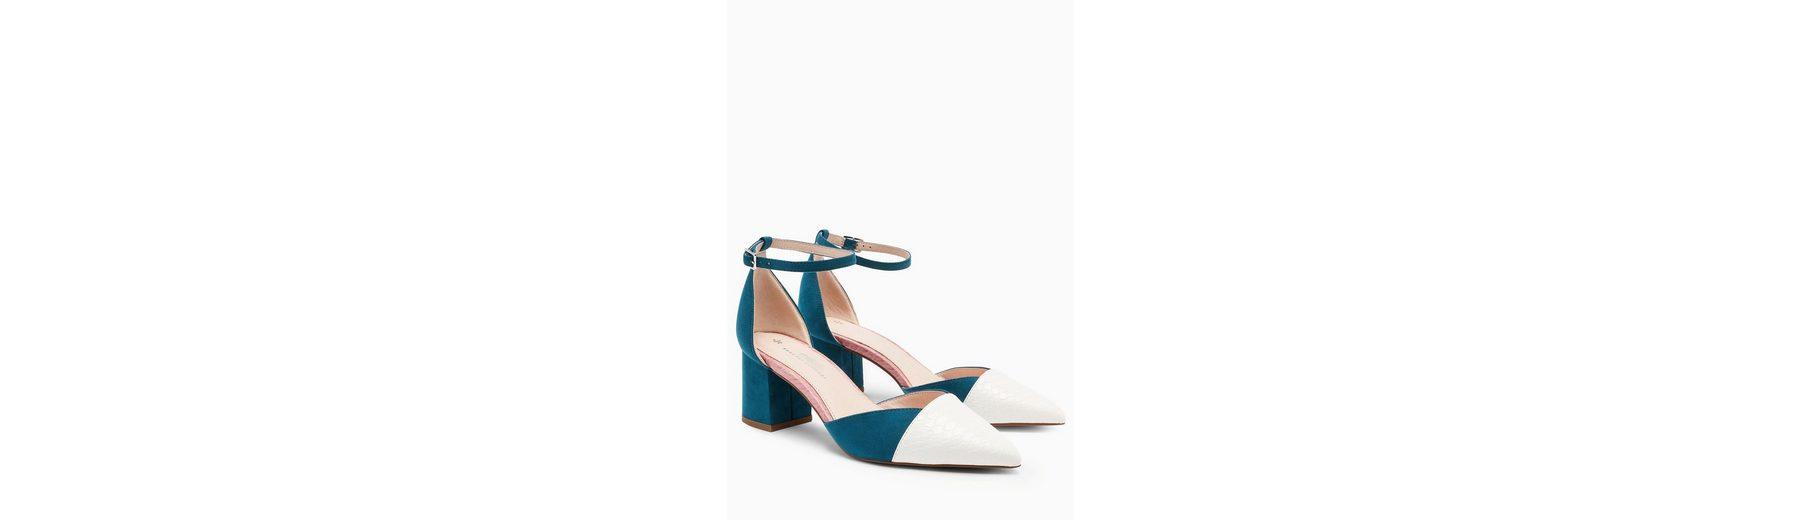 Billig Verkauf Bester Verkauf Next Zweiteilige Schuhe mit spitzer Zehenpartie Billiges Outlet-Store Authentisch Bestes Geschäft Zu Erhalten Online-Verkauf Genießen Sie Online nlsFLk